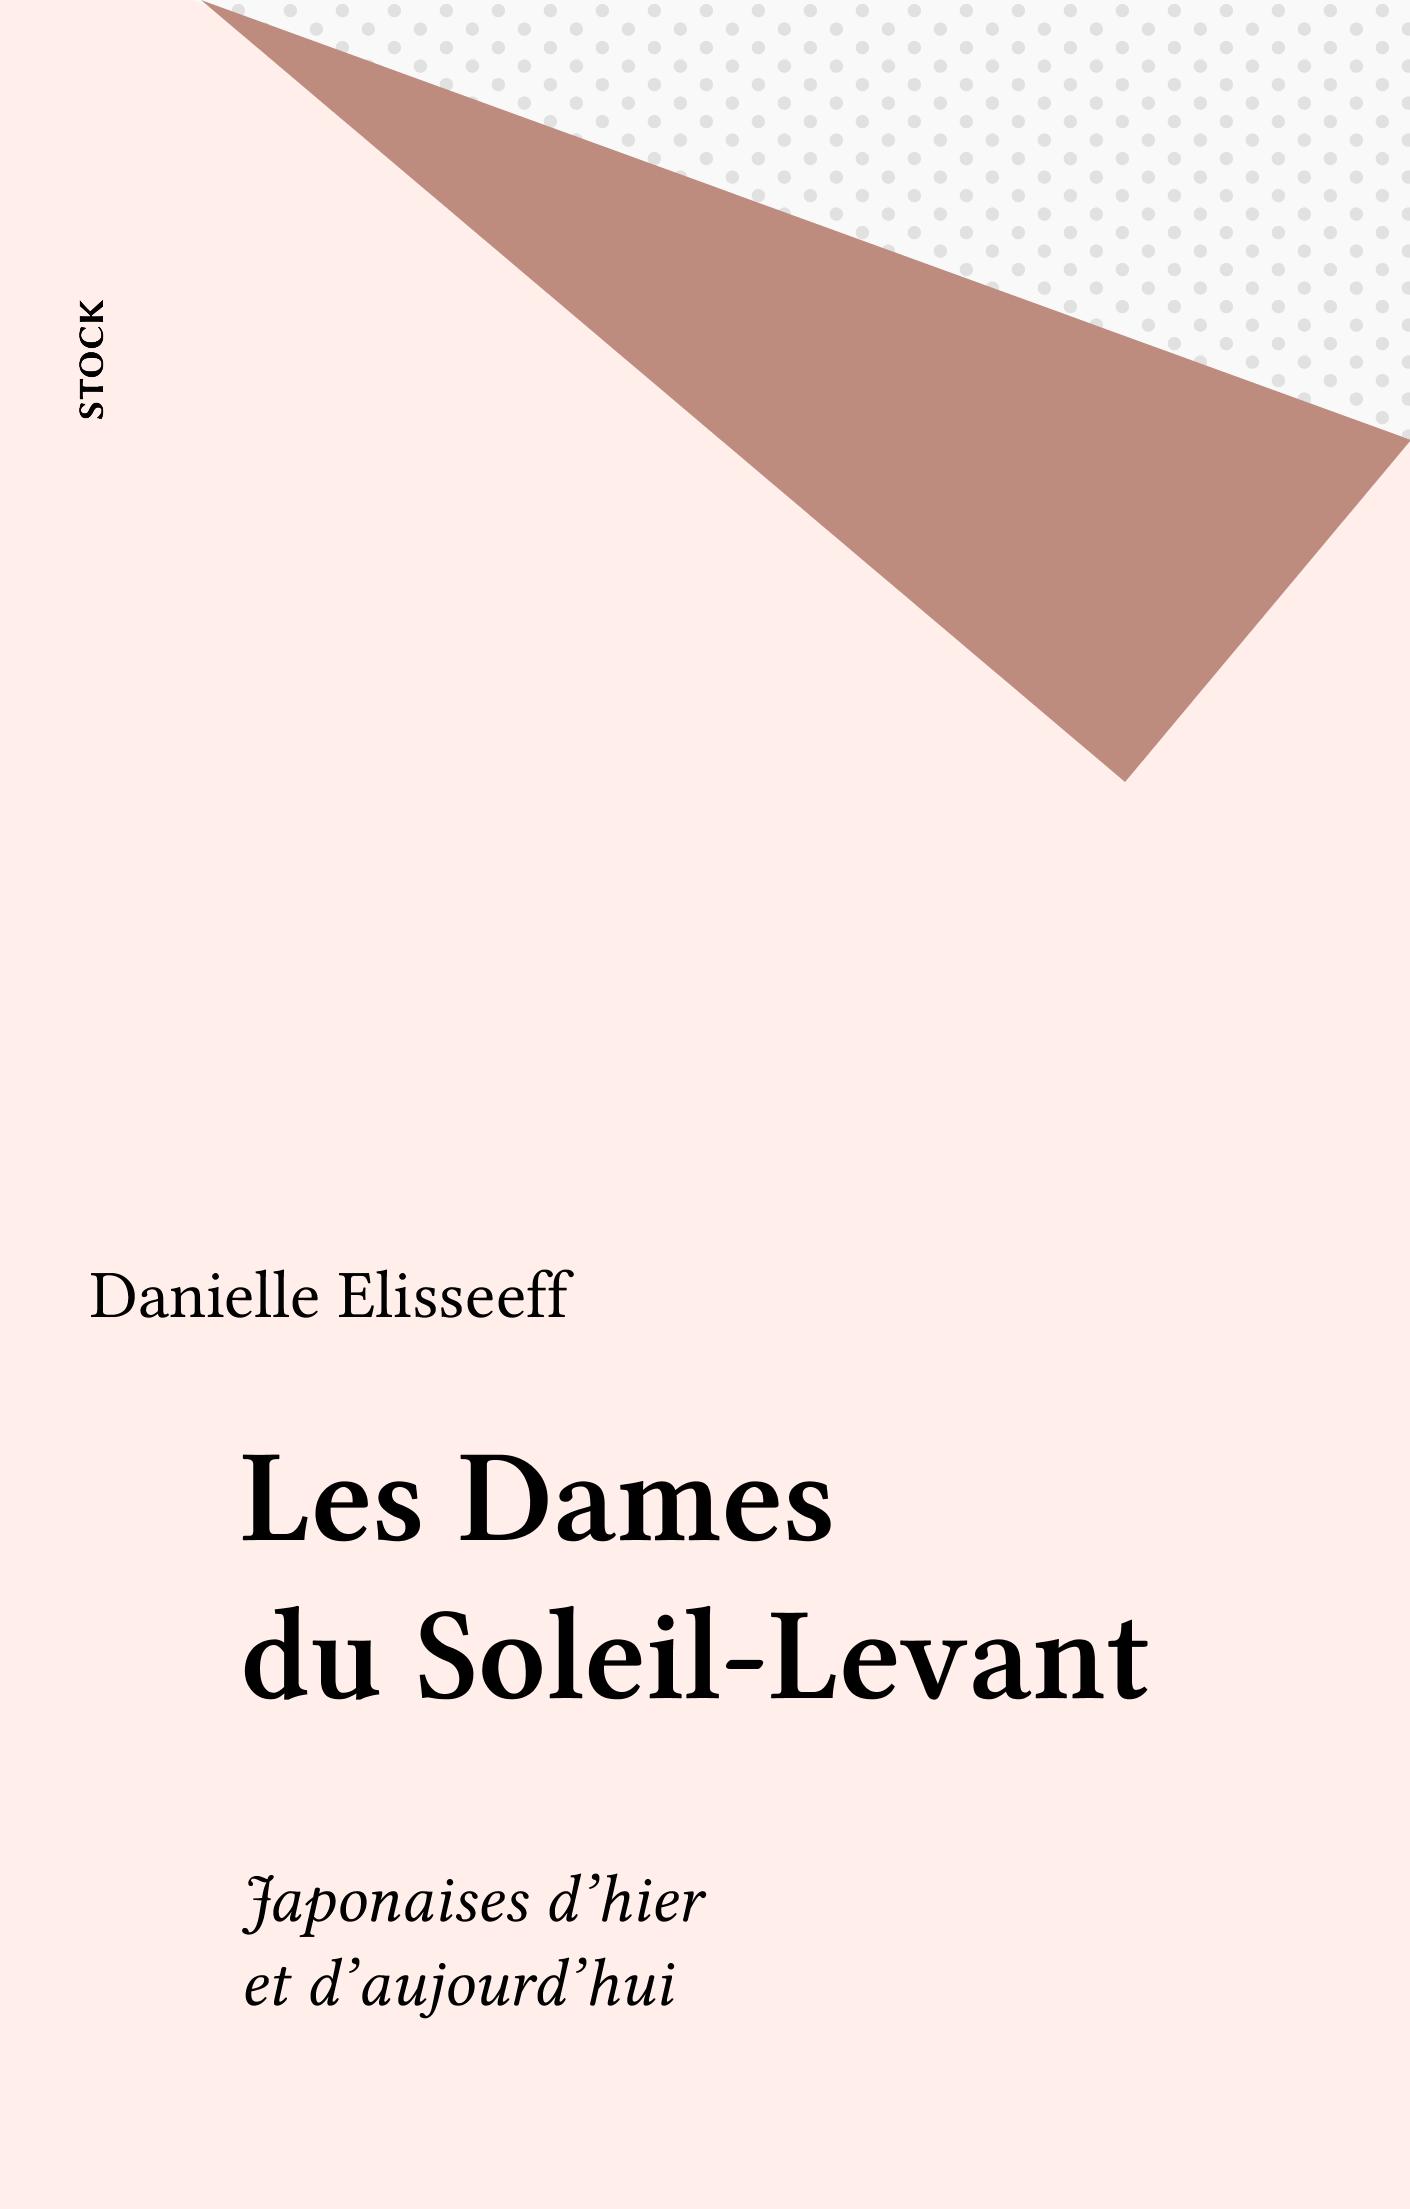 Les Dames du Soleil-Levant, JAPONAISES D'HIER ET D'AUJOURD'HUI